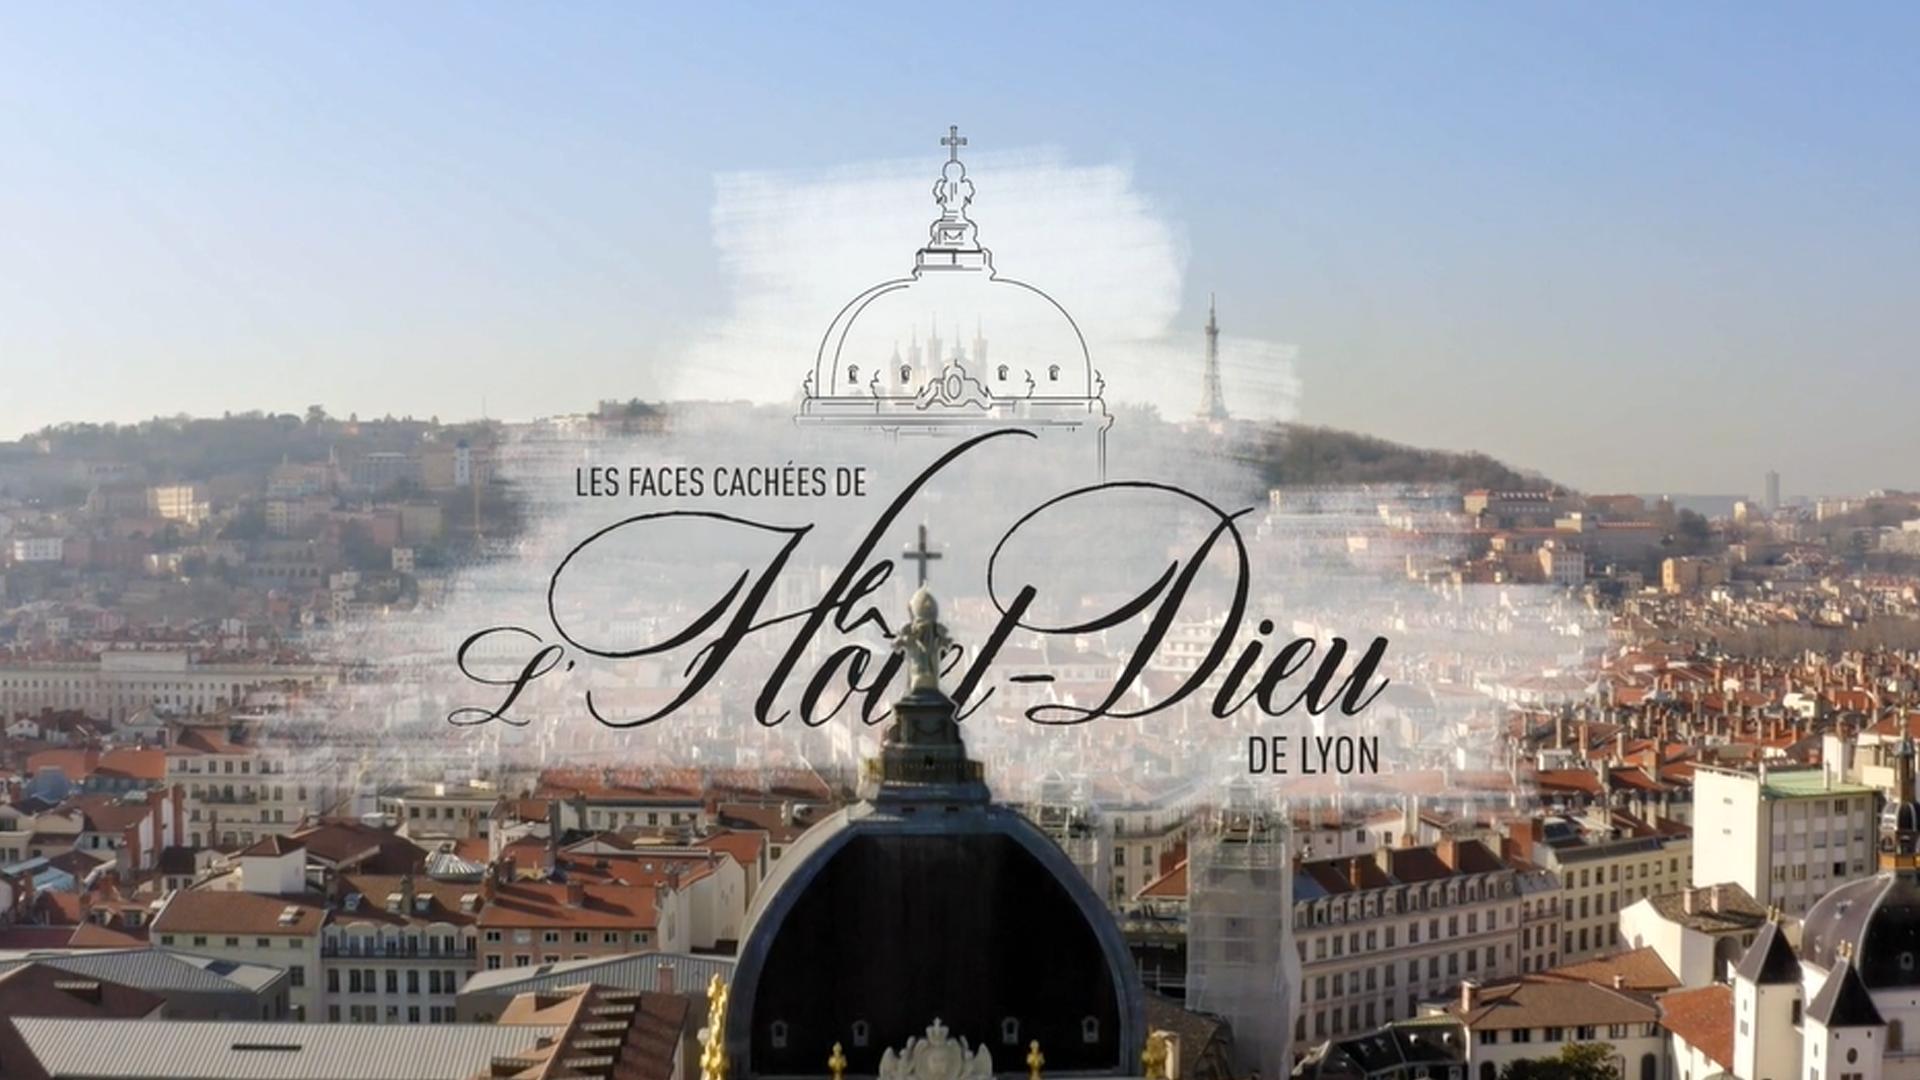 Les faces cachées de l'Hôtel-Dieu de Lyon - Documentaire 52'